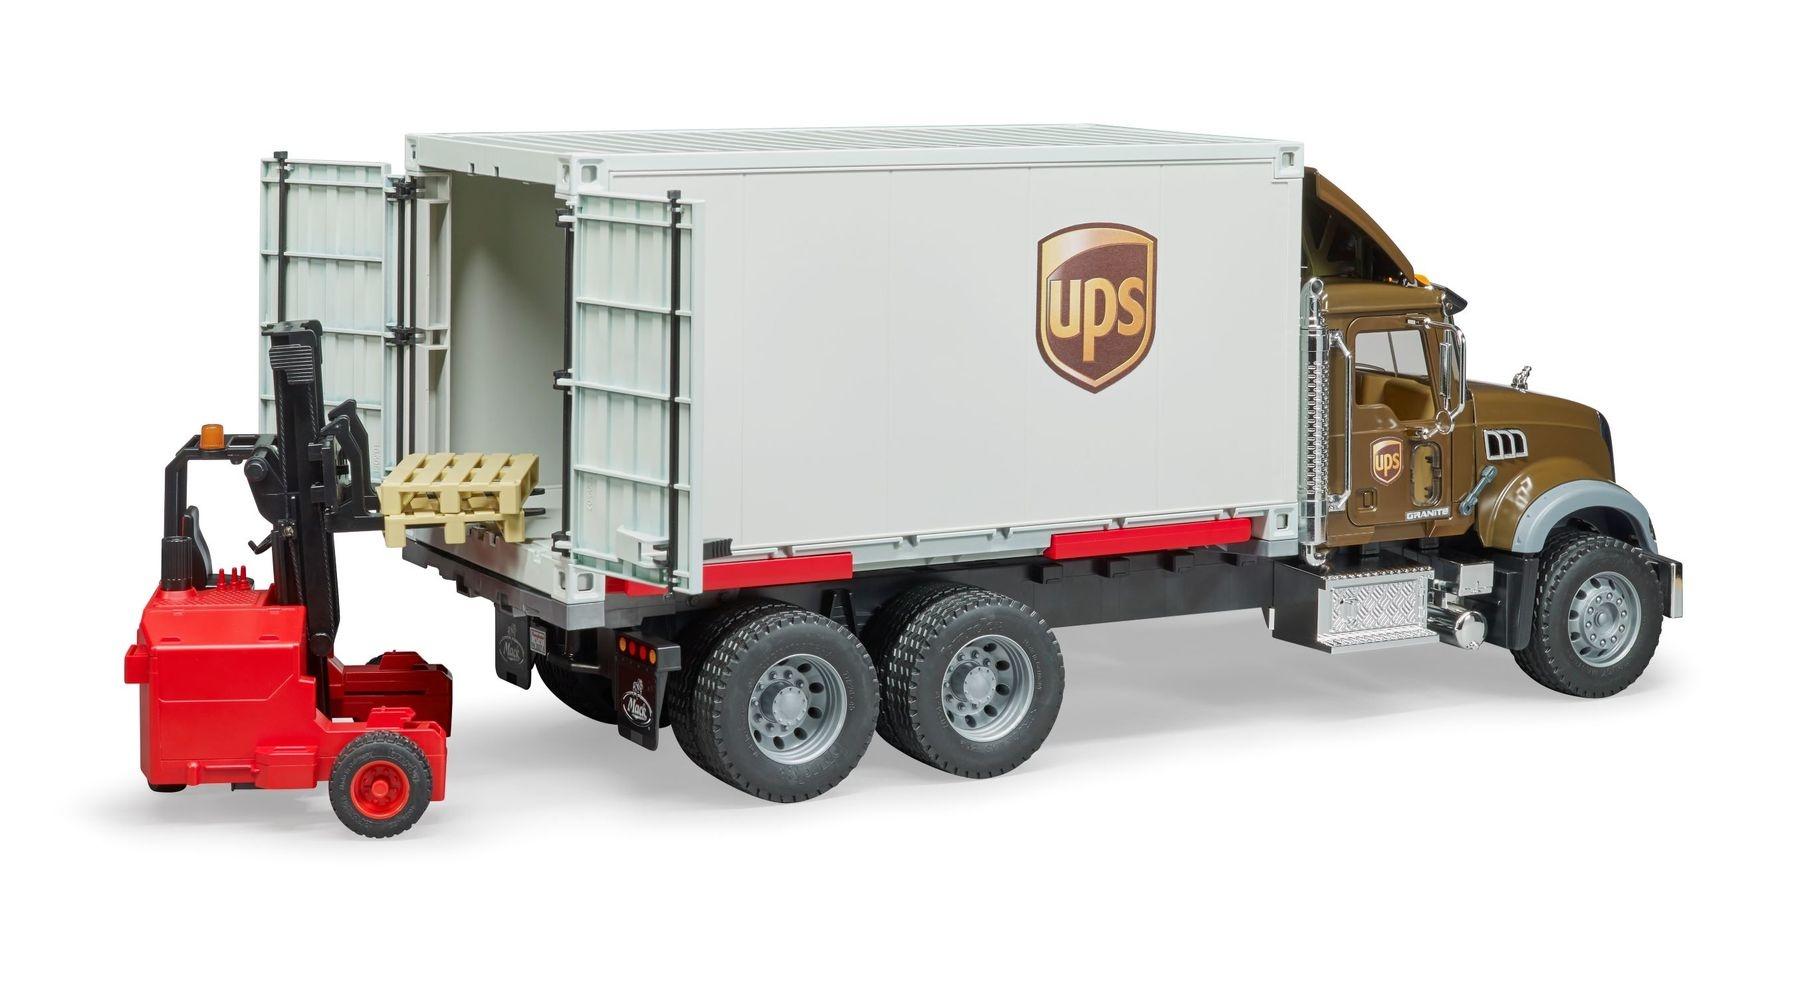 Bruder UPS Mack Logistik Truck-5